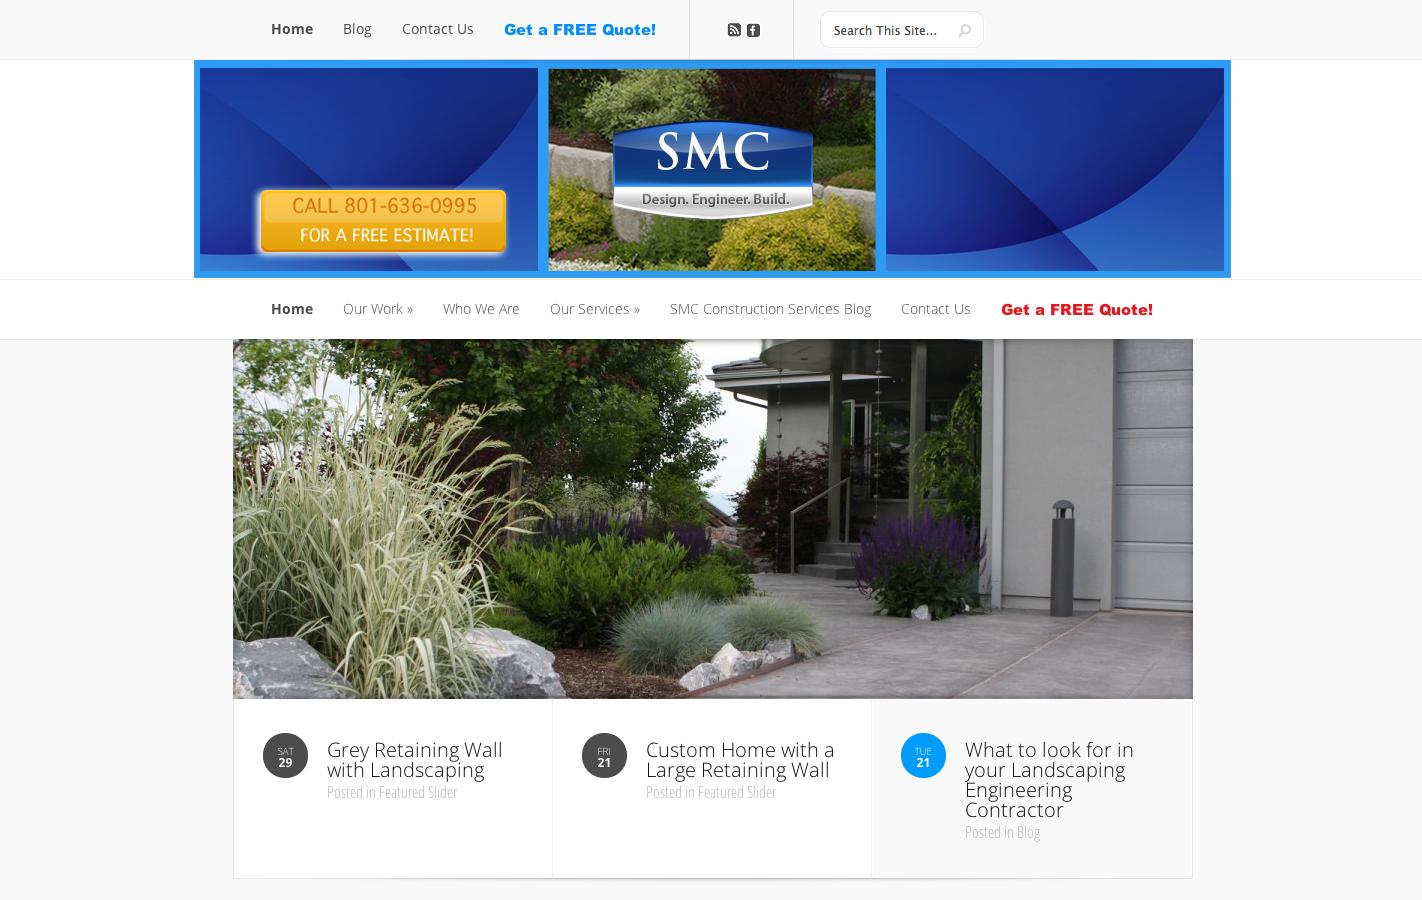 SMC Construction Services